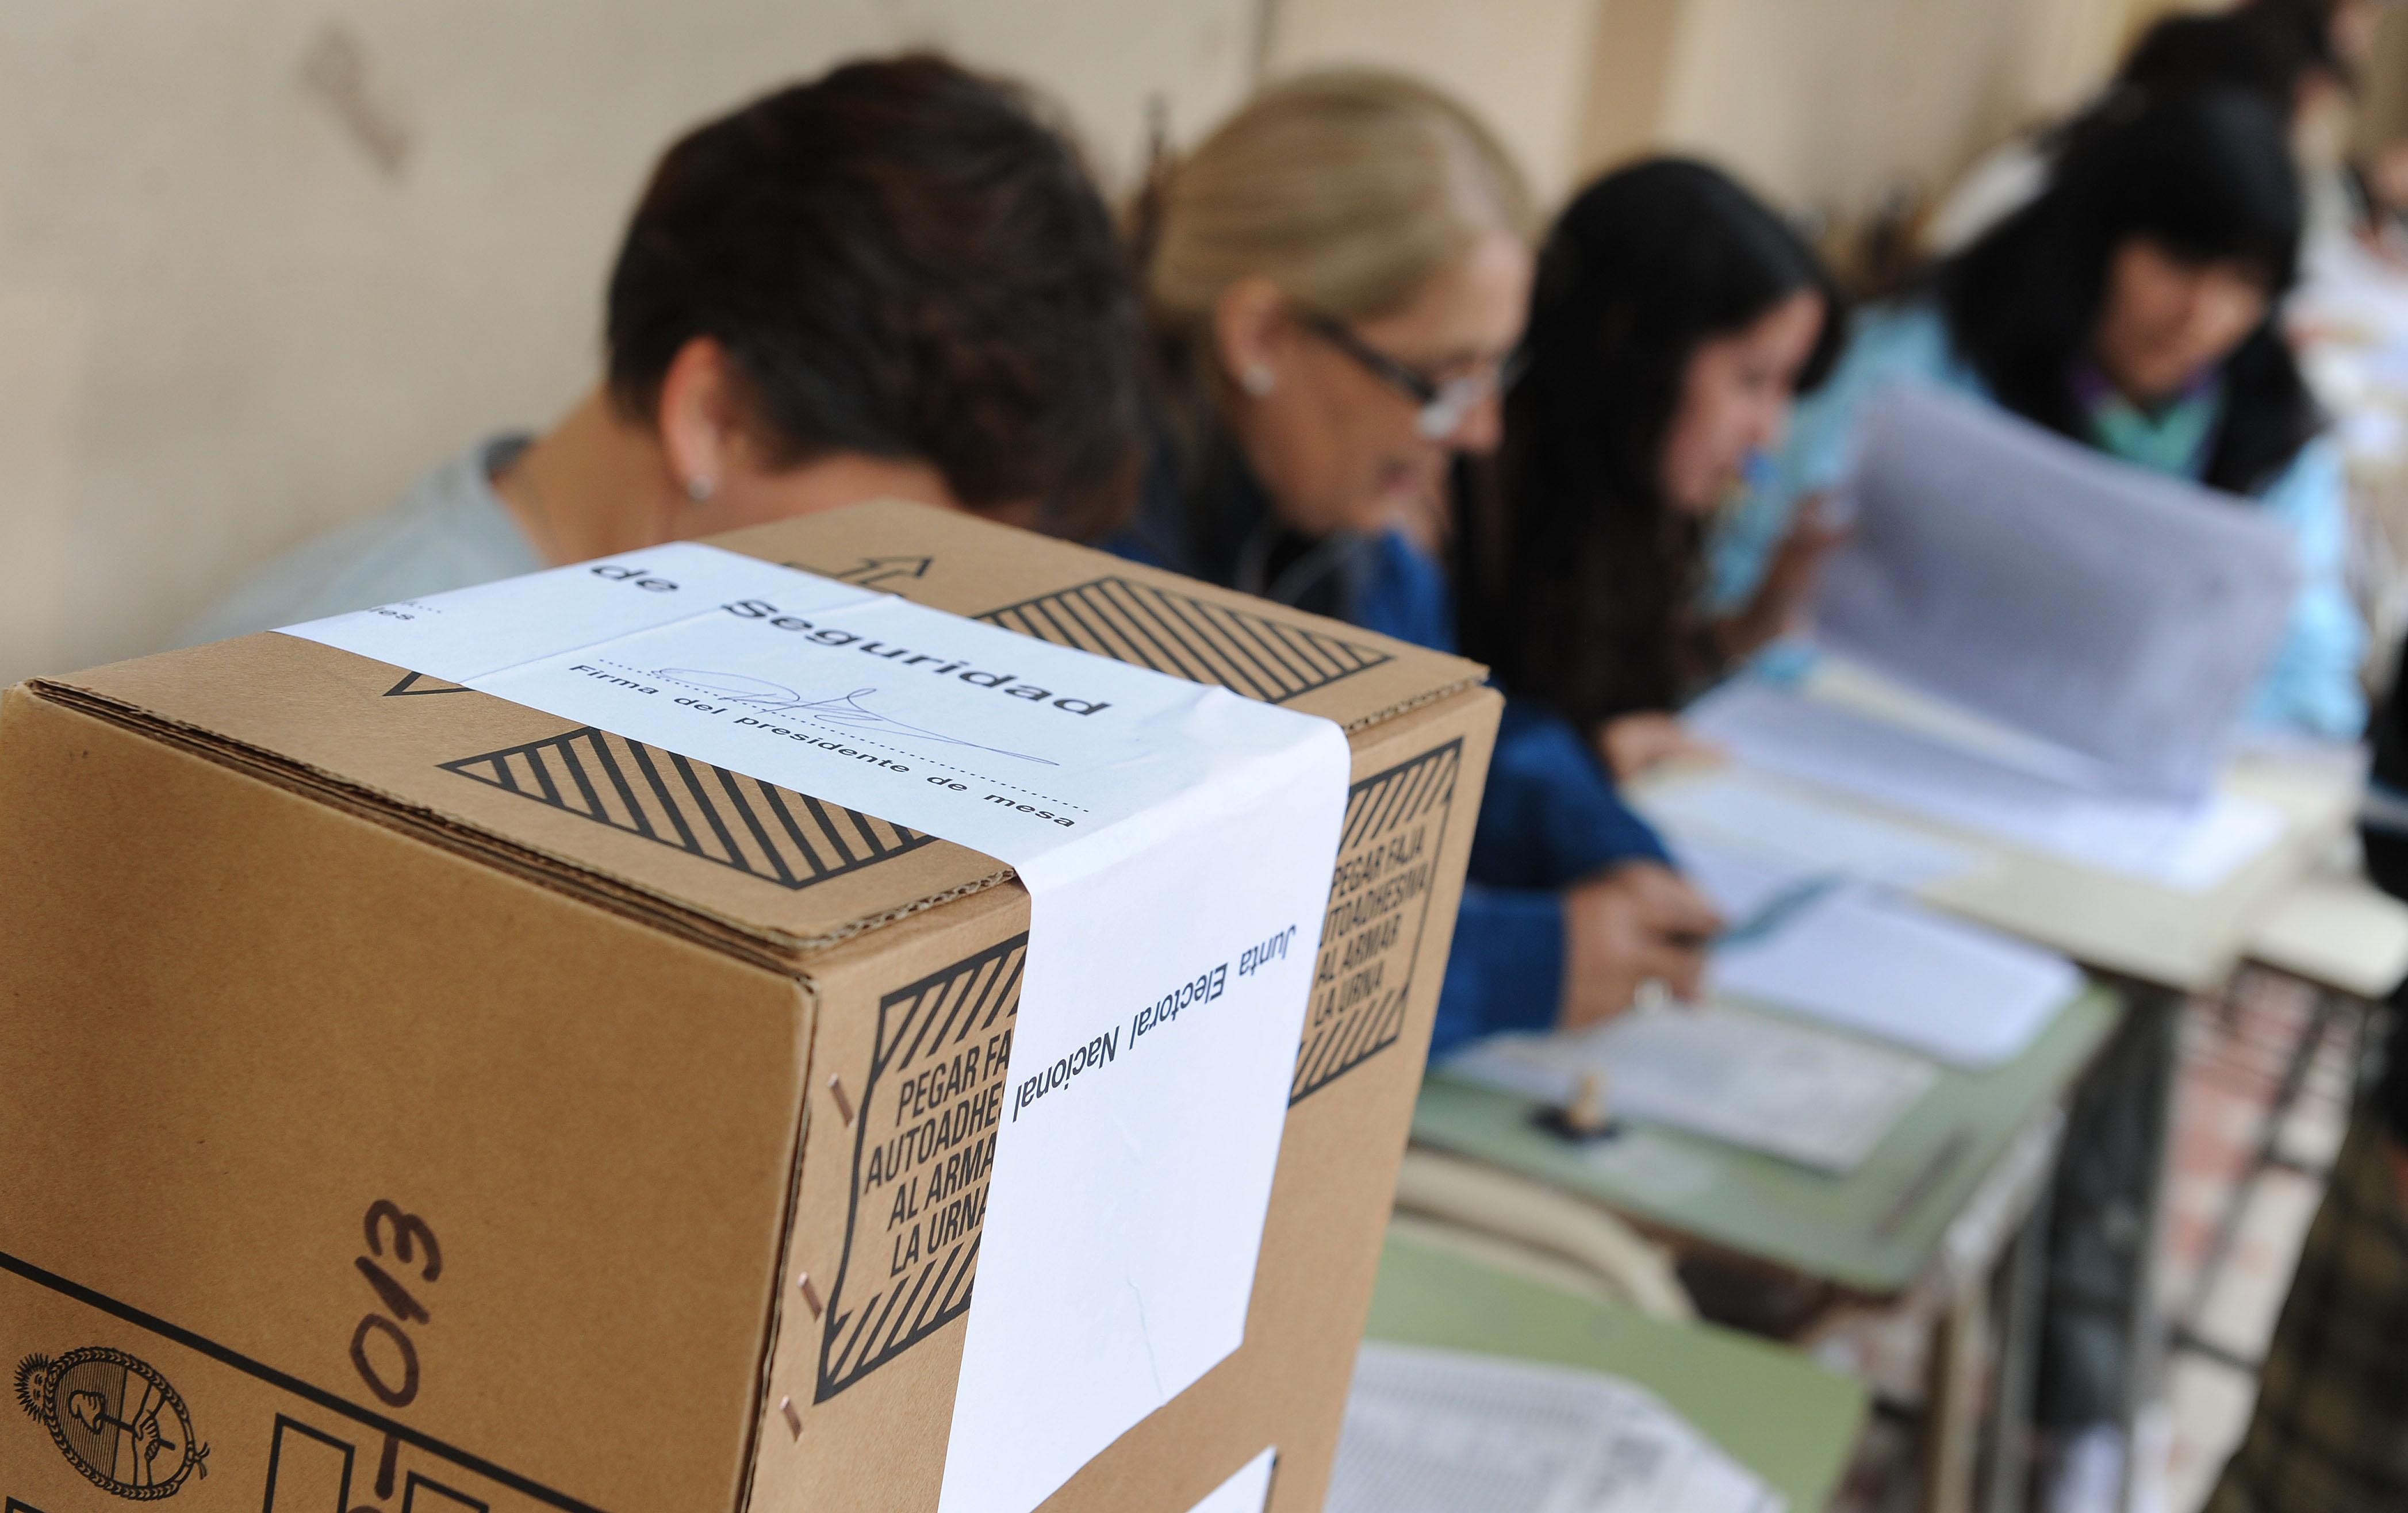 Elección presidencial: Si fuera por San Rafael, ¿habría balotaje?